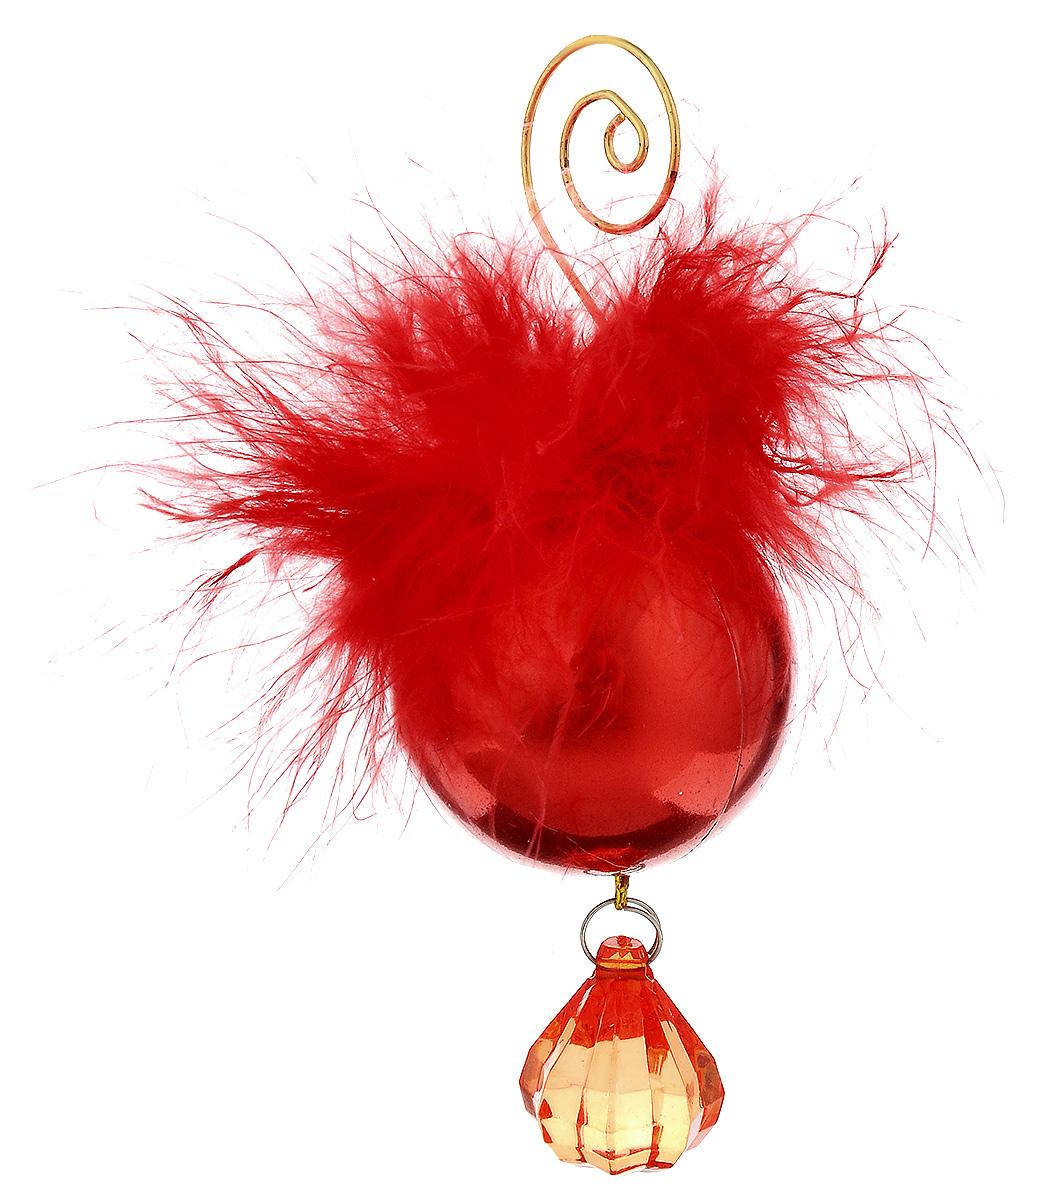 Украшение новогоднее подвесное House & Holder, 10 х 4 смFT-21Новогоднее подвесное украшение House & Holder выполнено из пластмассы и декоративного пера. С помощью специальной петельки украшение можно повесить в любом понравившемся вам месте. Но, конечно, удачнее всего оно будет смотреться на праздничной елке. Елочная игрушка - символ Нового года. Она несет в себе волшебство и красоту праздника. Создайте в своем доме атмосферу веселья и радости, украшая новогоднюю елку нарядными игрушками, которые будут из года в год накапливать теплоту воспоминаний. Размер: 10 х 4 см.